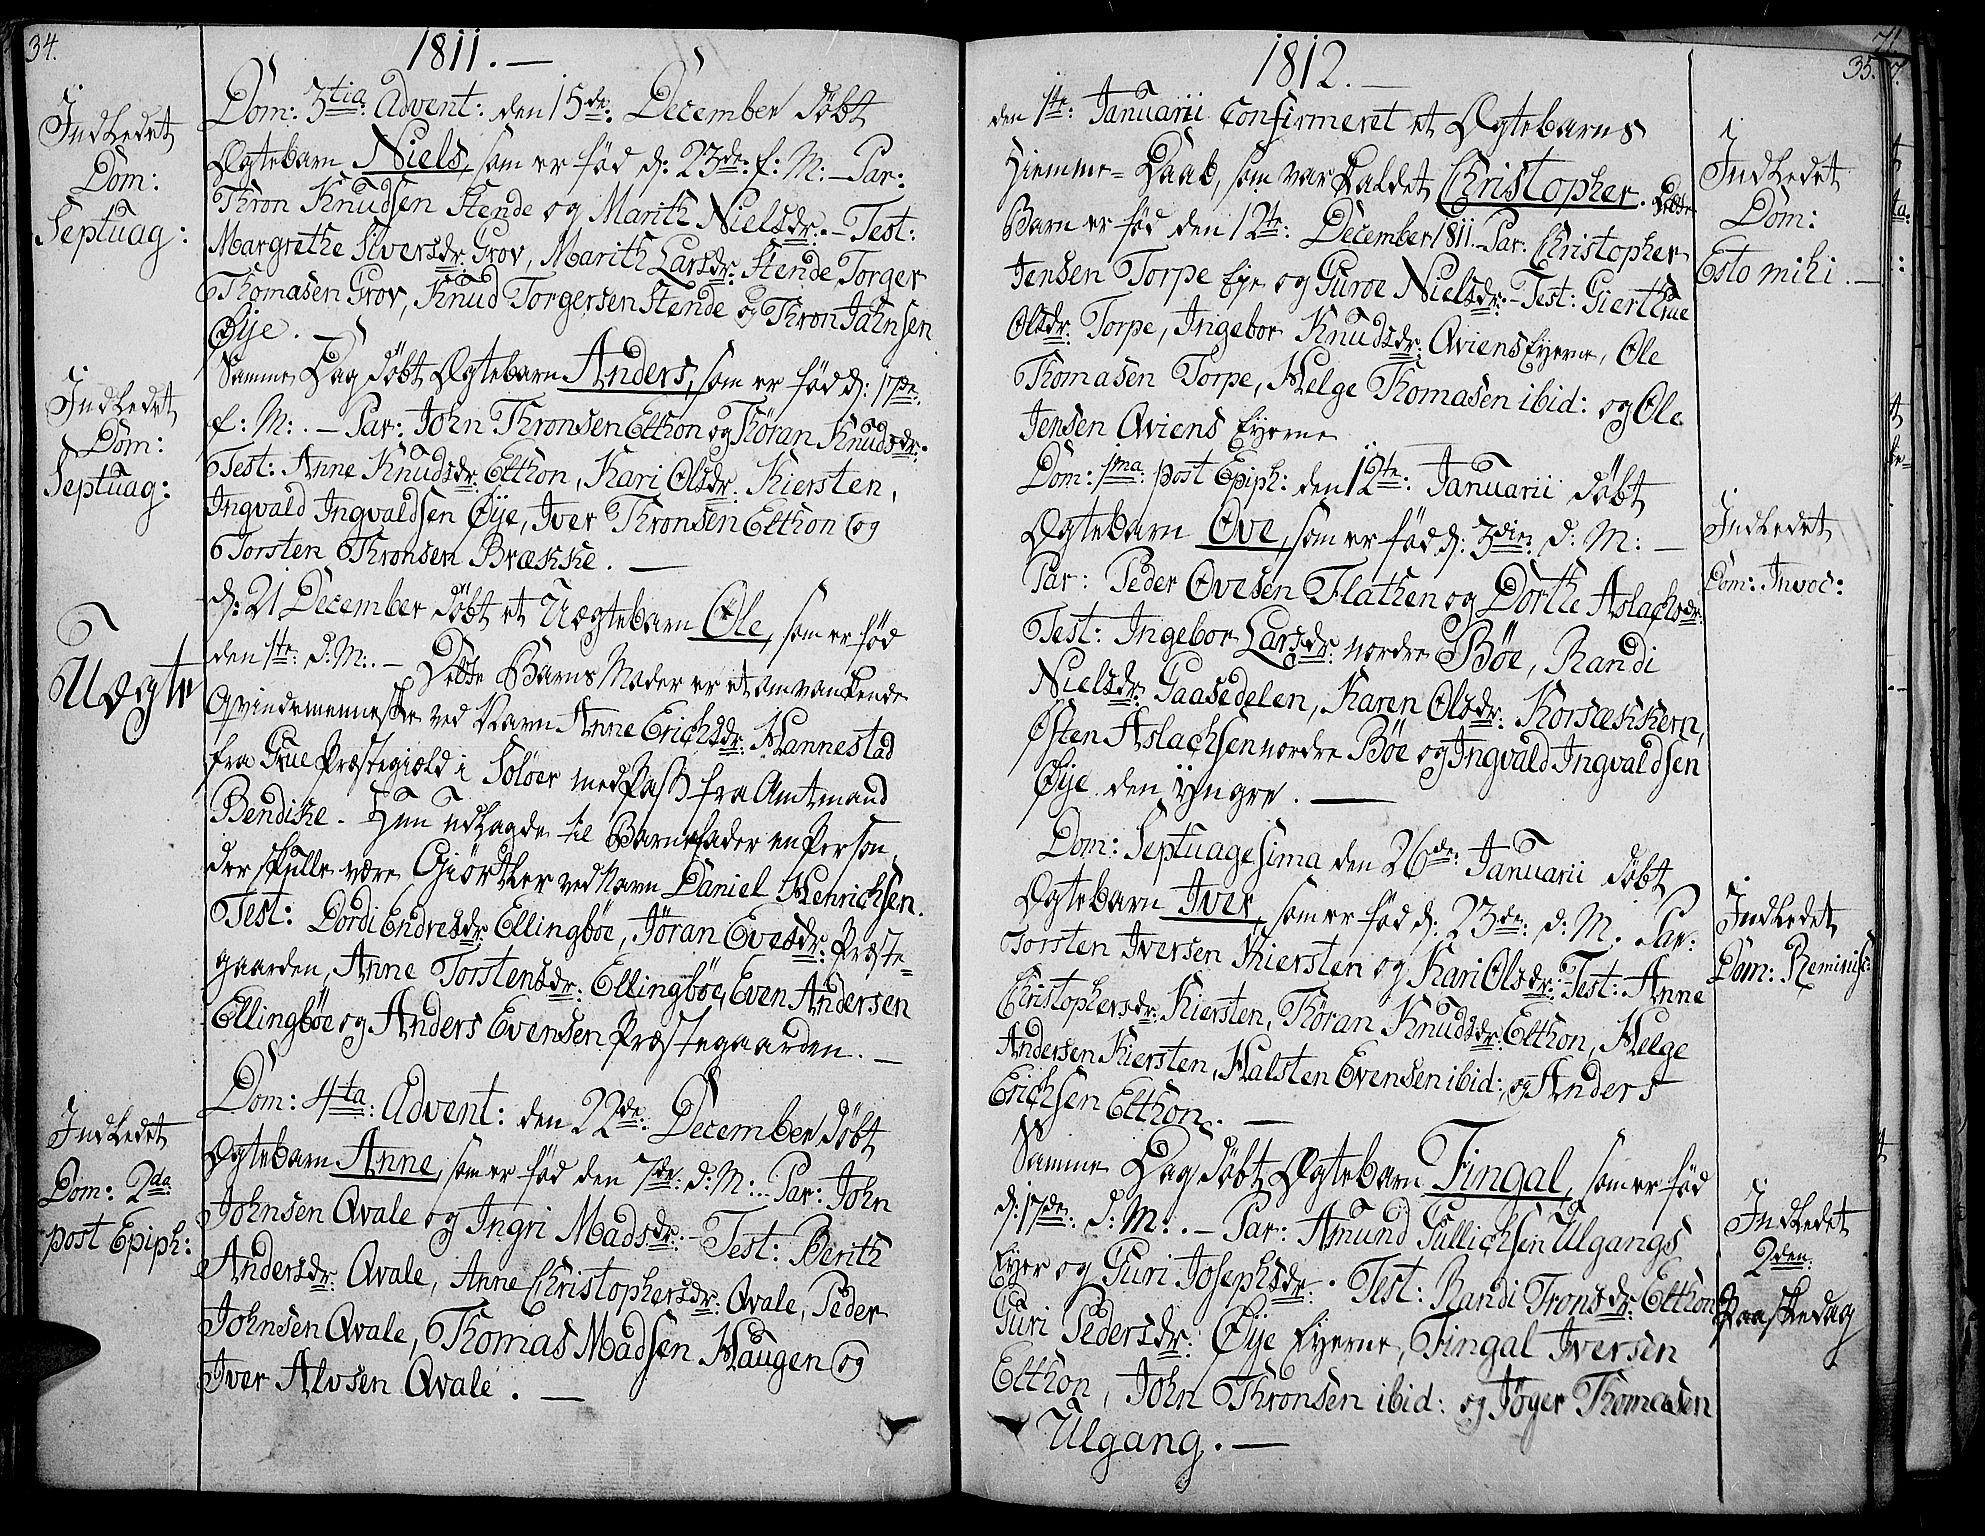 SAH, Vang prestekontor, Valdres, Ministerialbok nr. 3, 1809-1831, s. 34-35